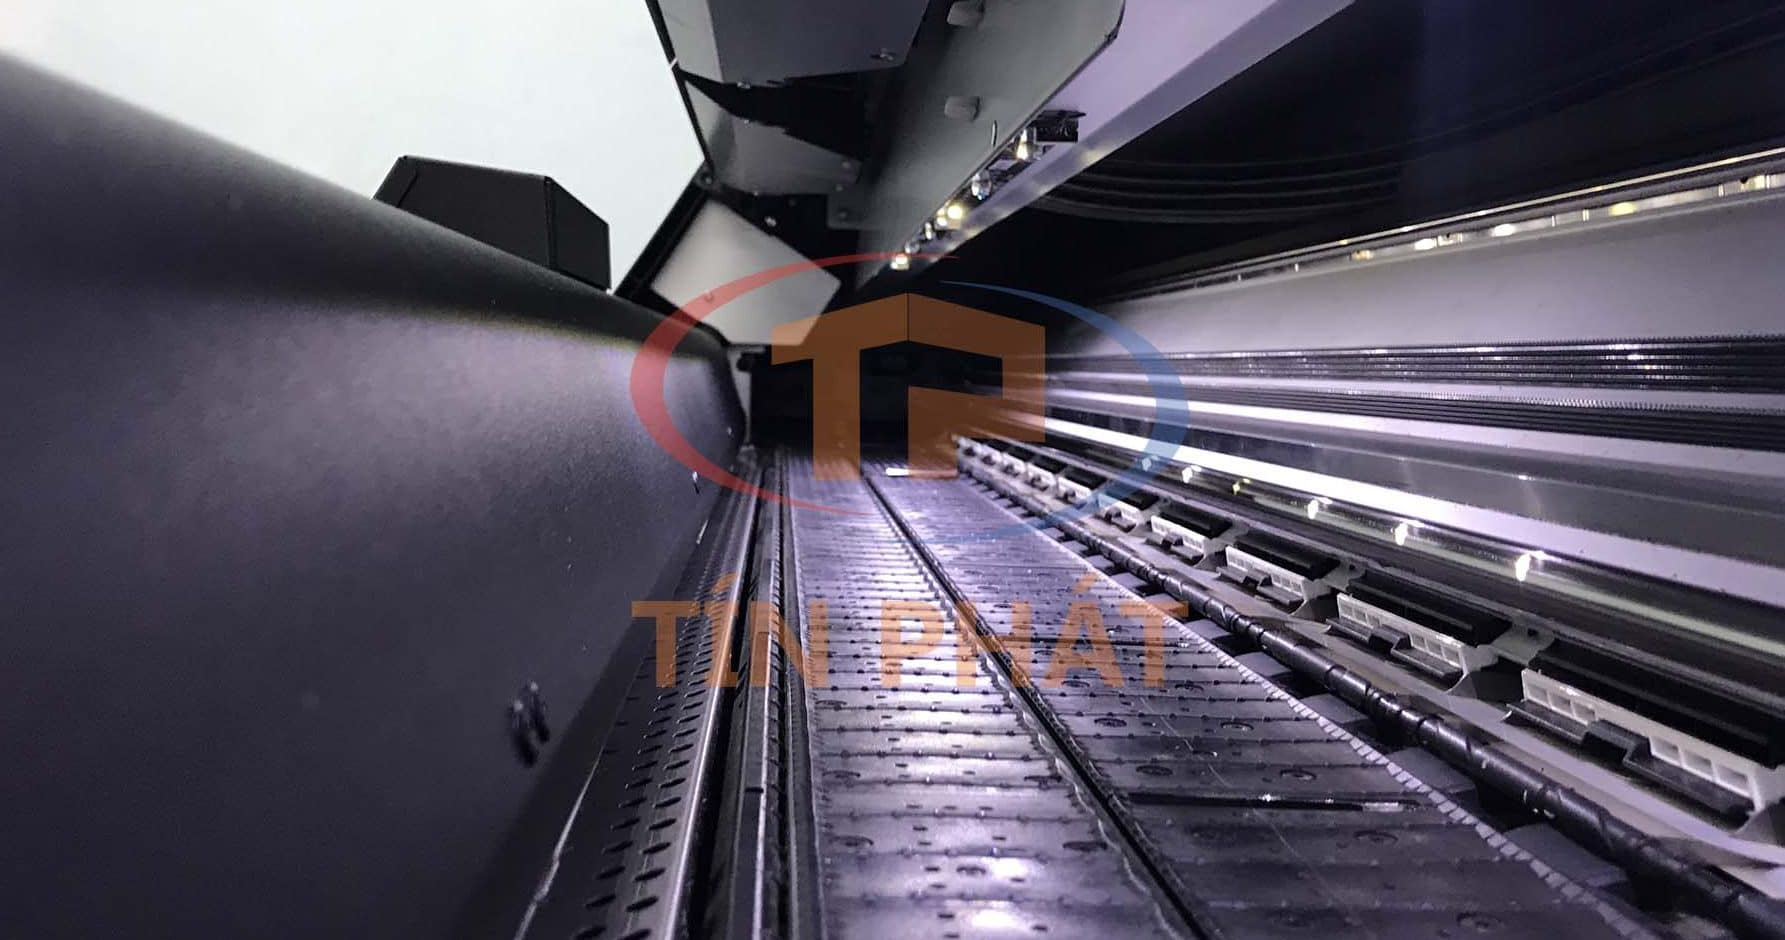 Máy in HP Latex đầu tiên tại Việt Nam sau 2 năm: bên trong máy.